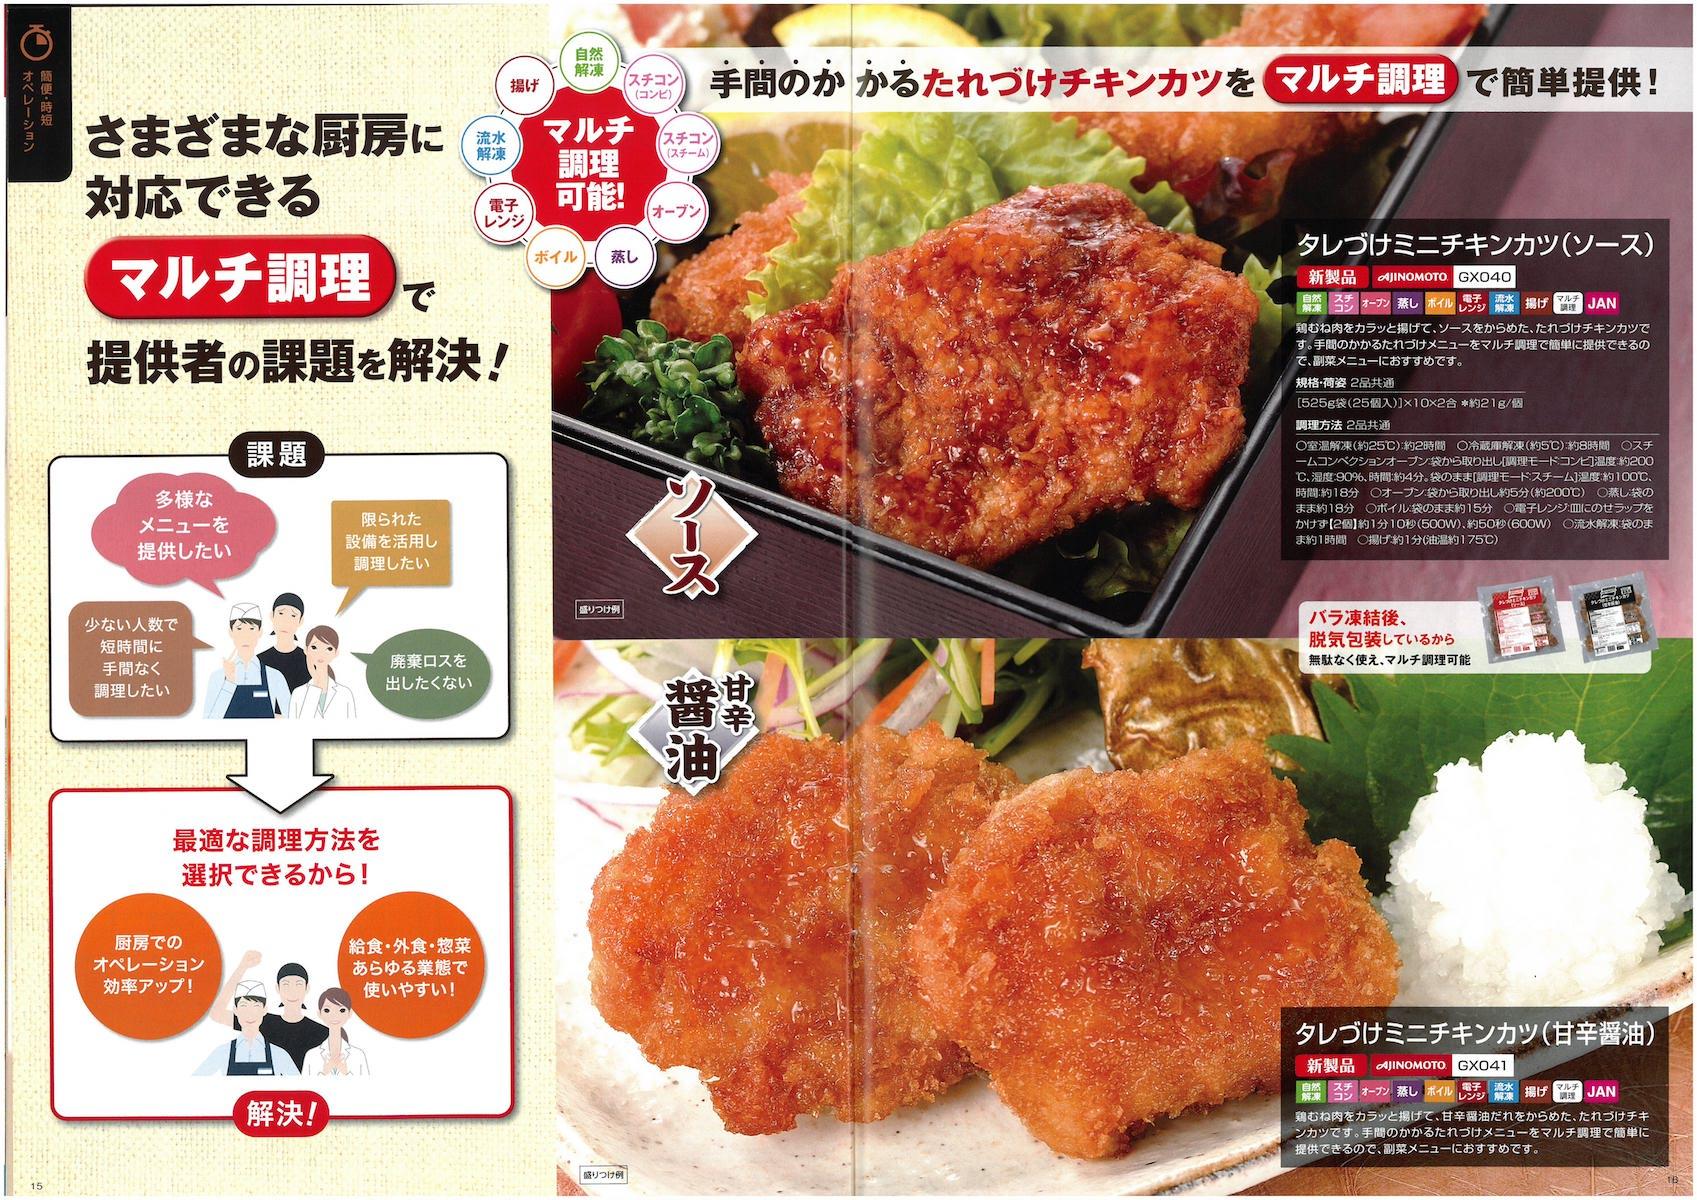 味の素冷凍食品 2018秋